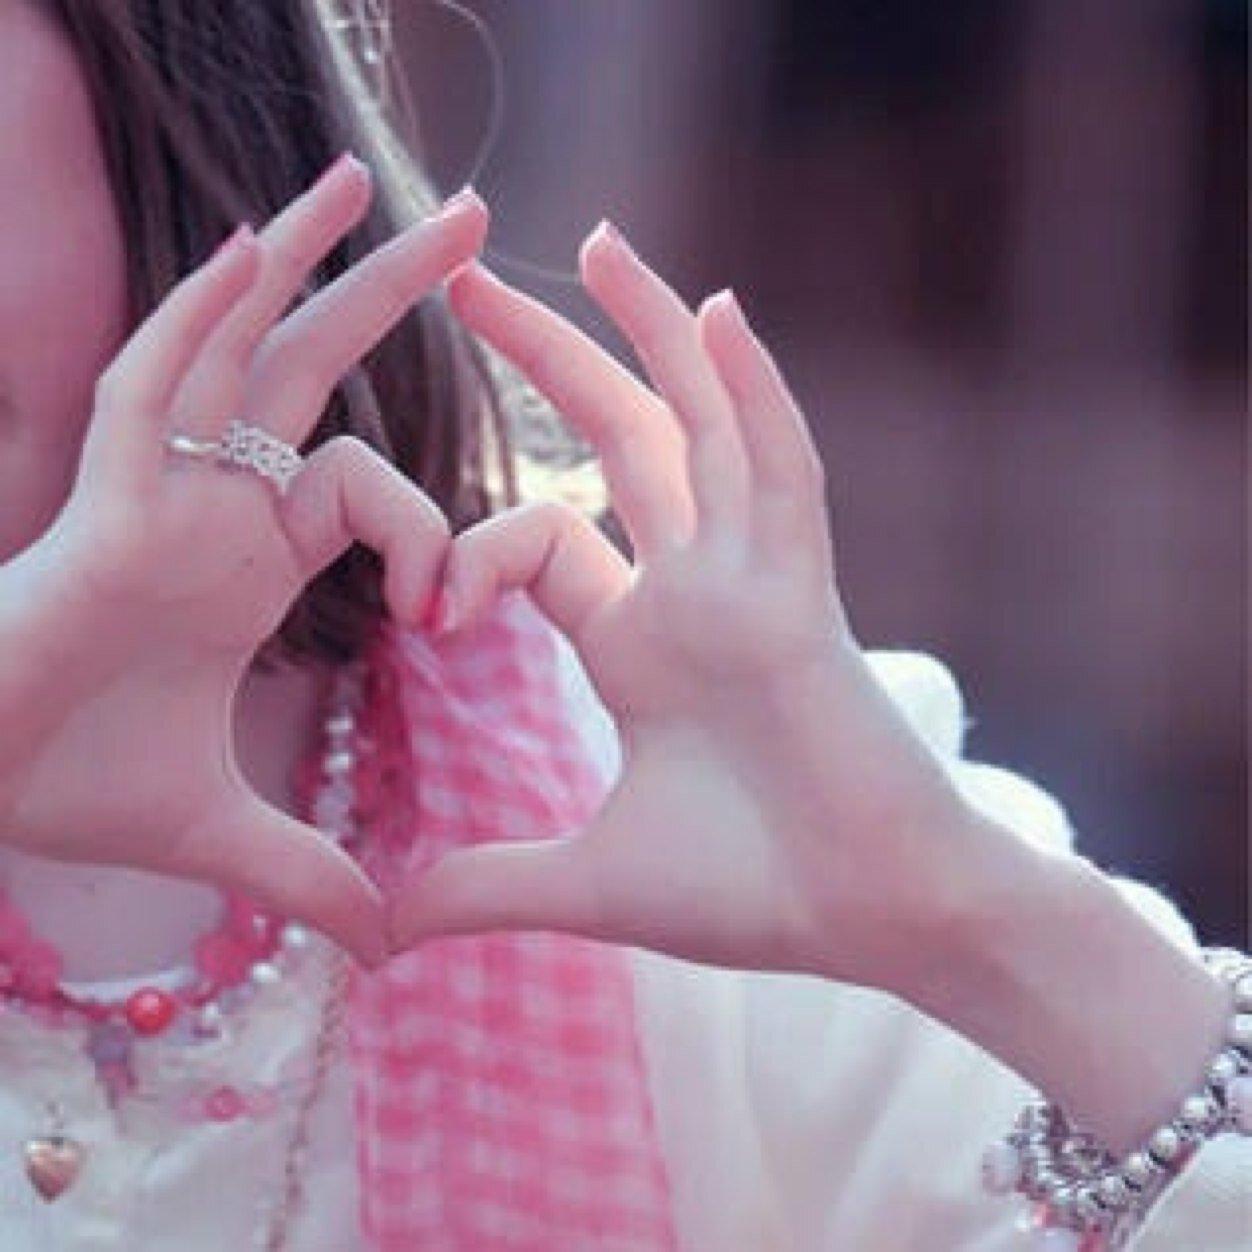 صورة صور بنات قلوب , اروع صور قلوب تخرج من عند البنات